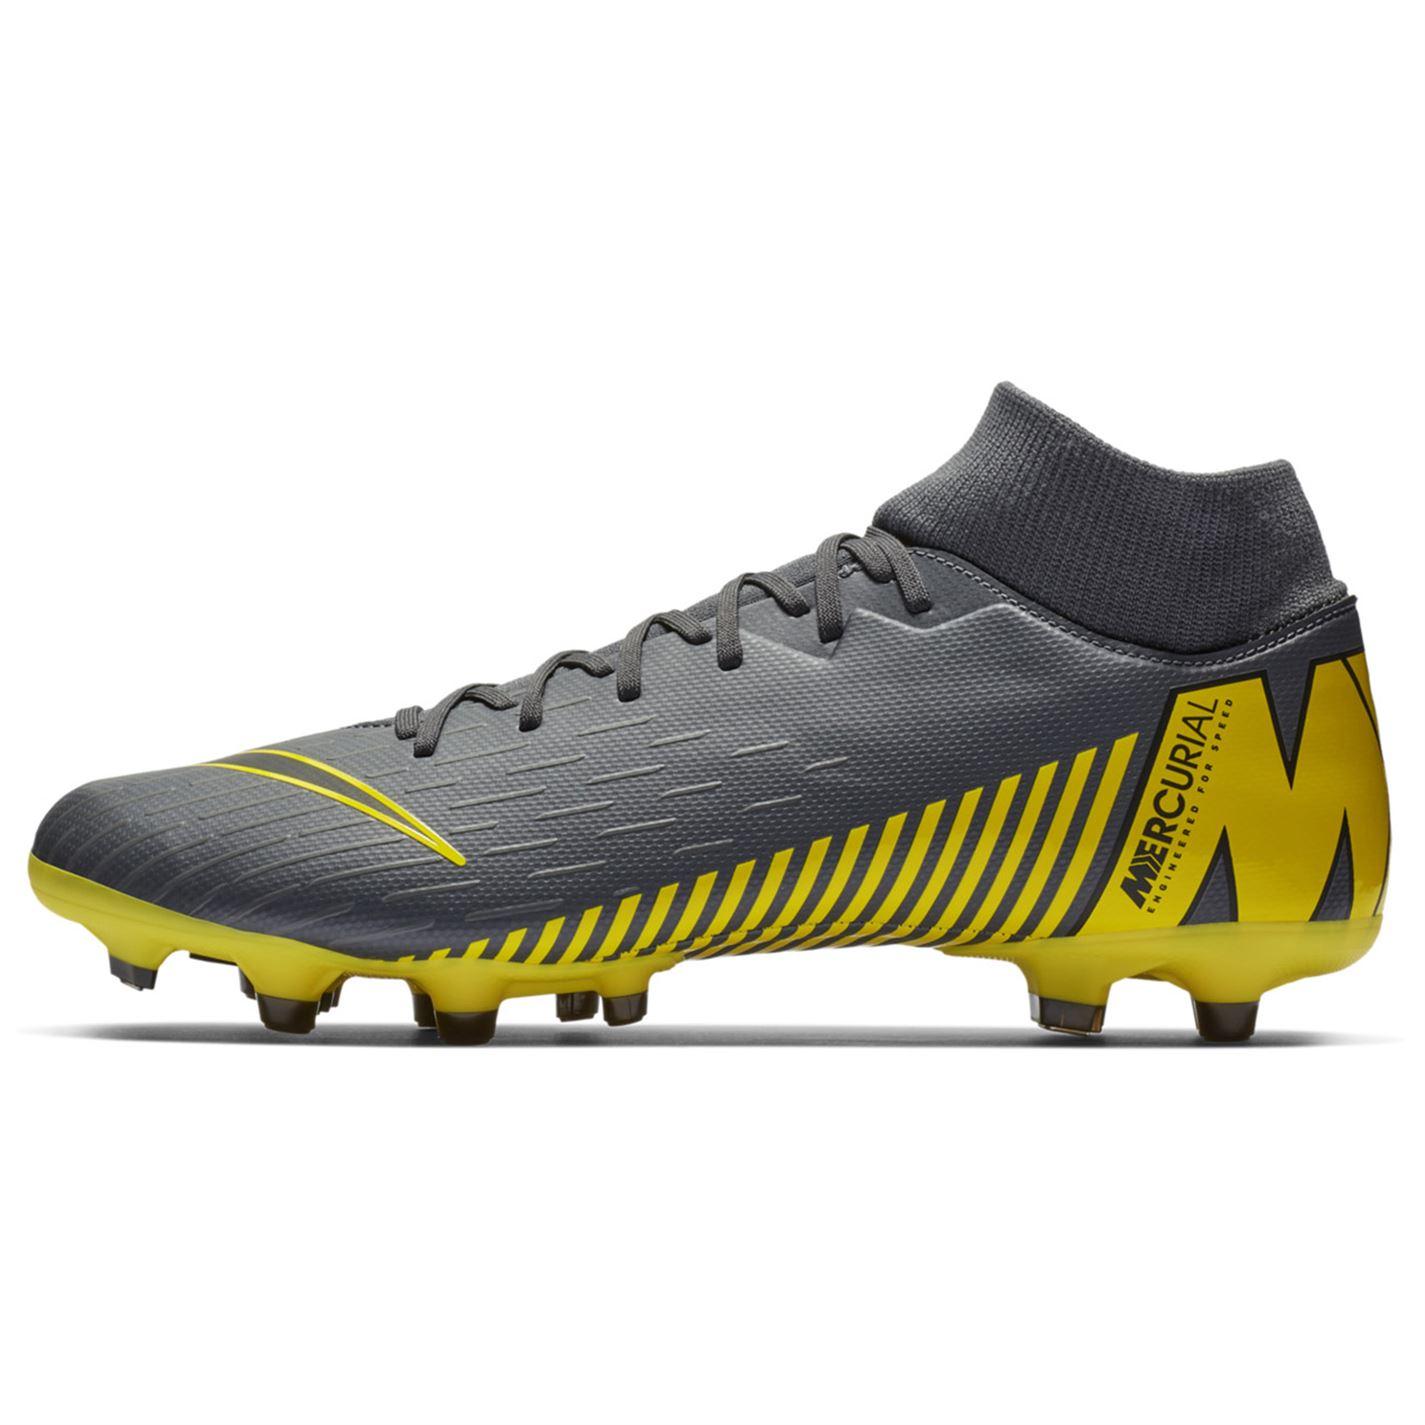 kopačky Nike Mercurial Superfly Academy DF pánske FG